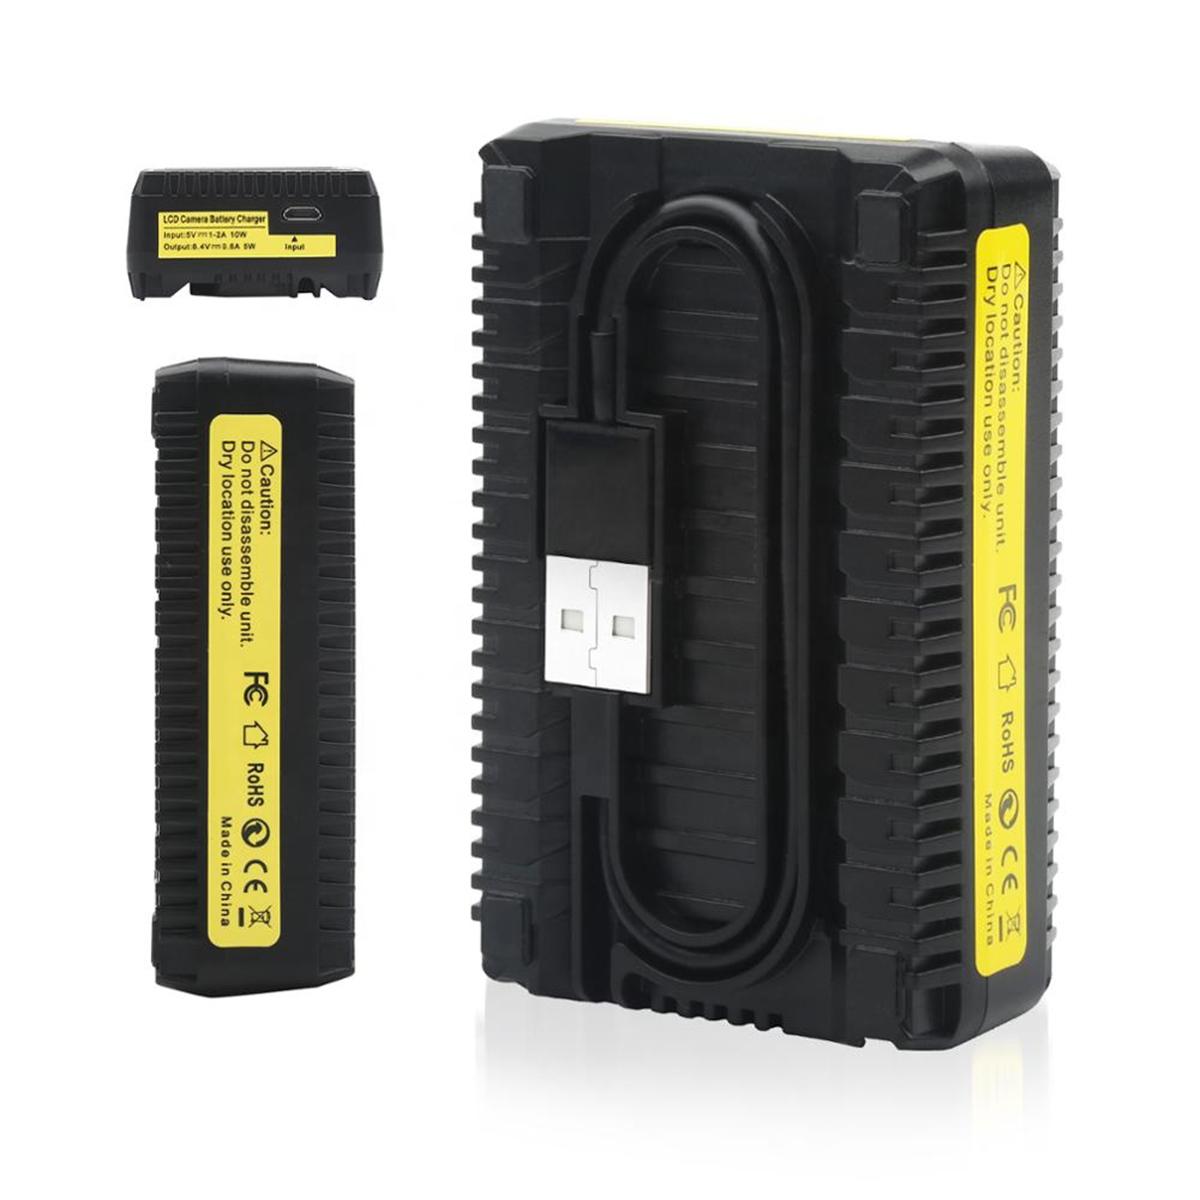 Kit com Carregador Duplo e Duas Baterias - LP-E8